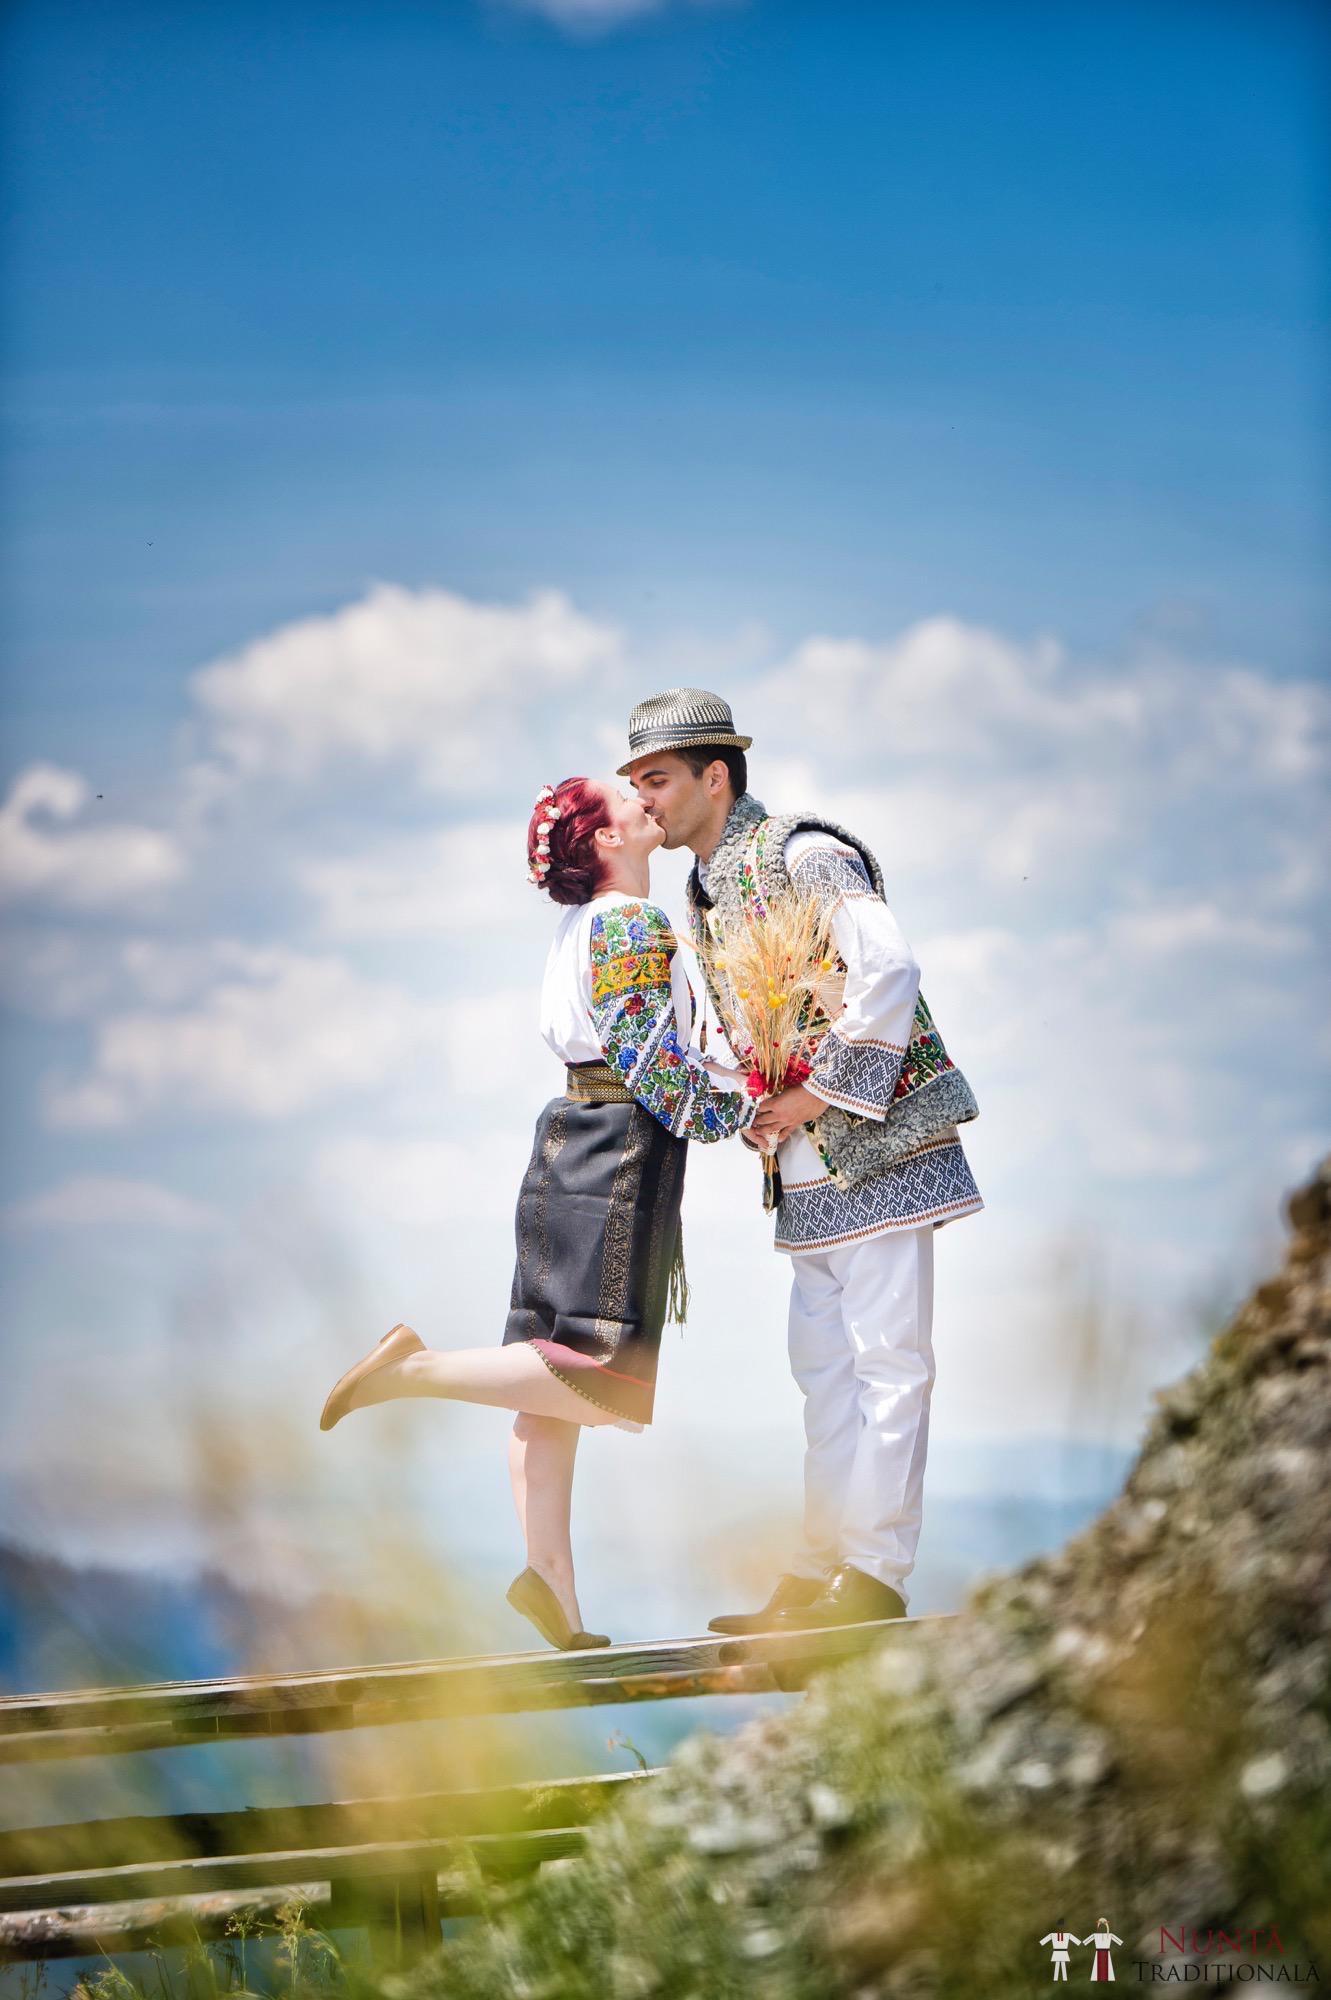 Povești Nunți Tradiționale - Gabriela și Mădălin - Nuntă Tradițională în Suceava, Bucovina 30